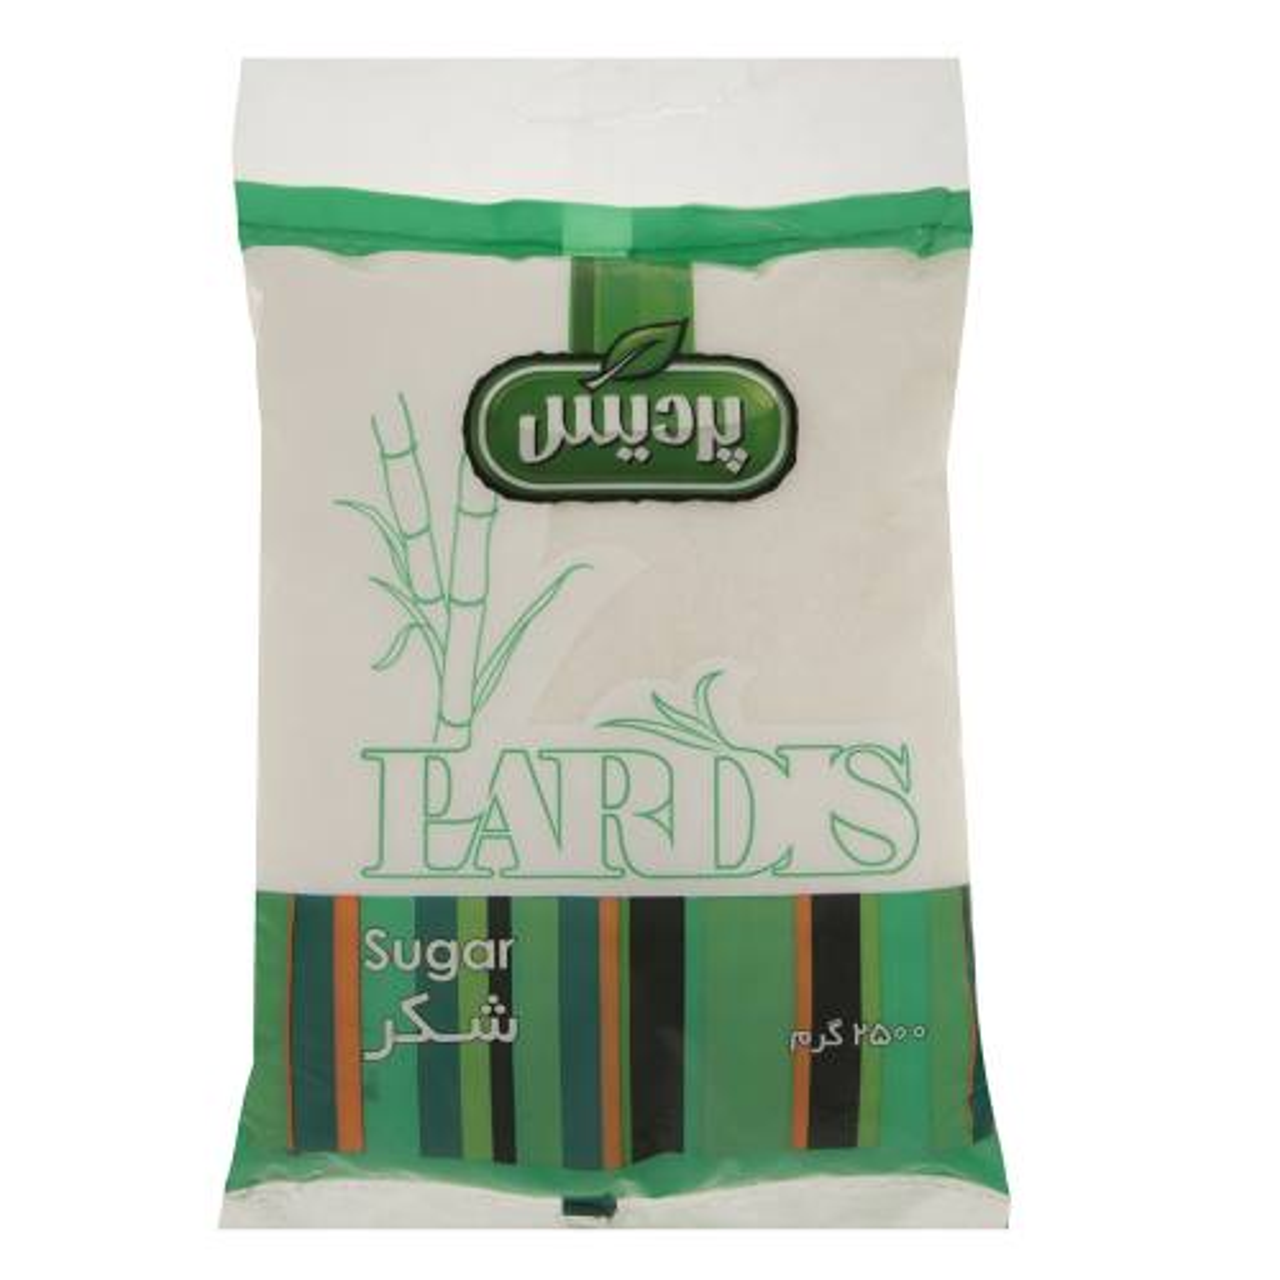 شکر سفید پردیس مقدار 2500 گرم